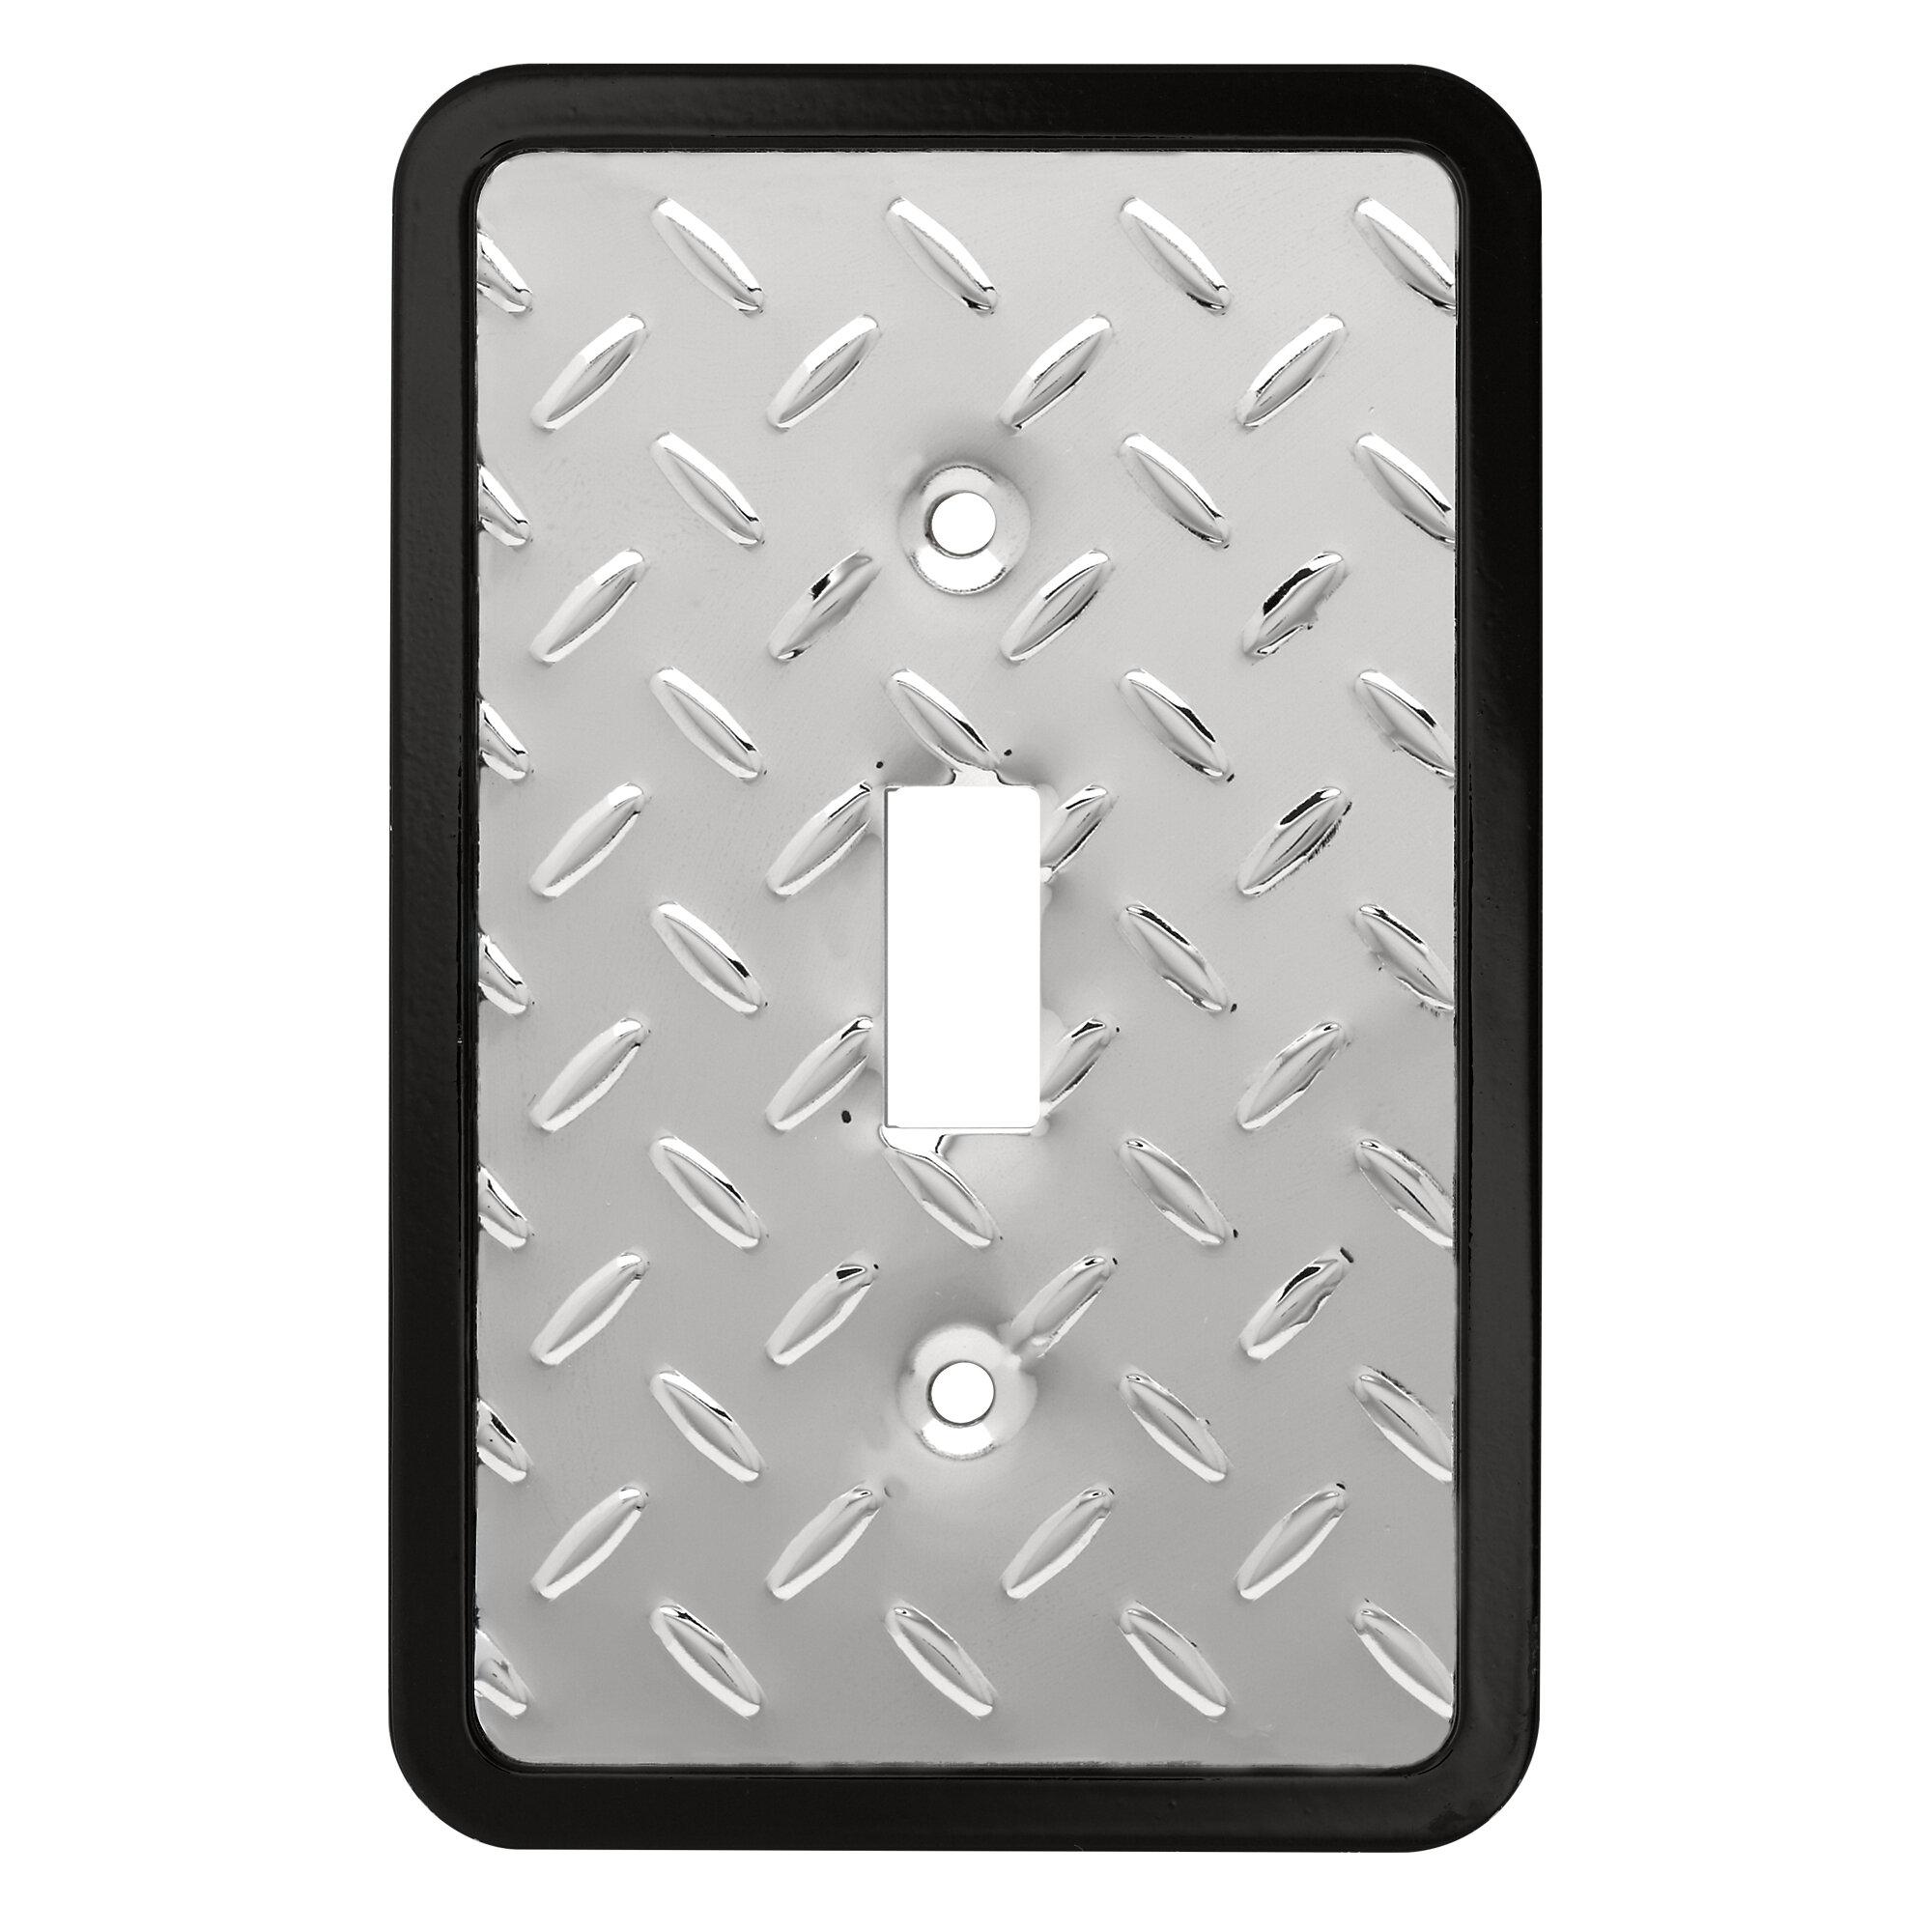 Diamond Plate 1-Gang Toggle Light Switch Wall Plate